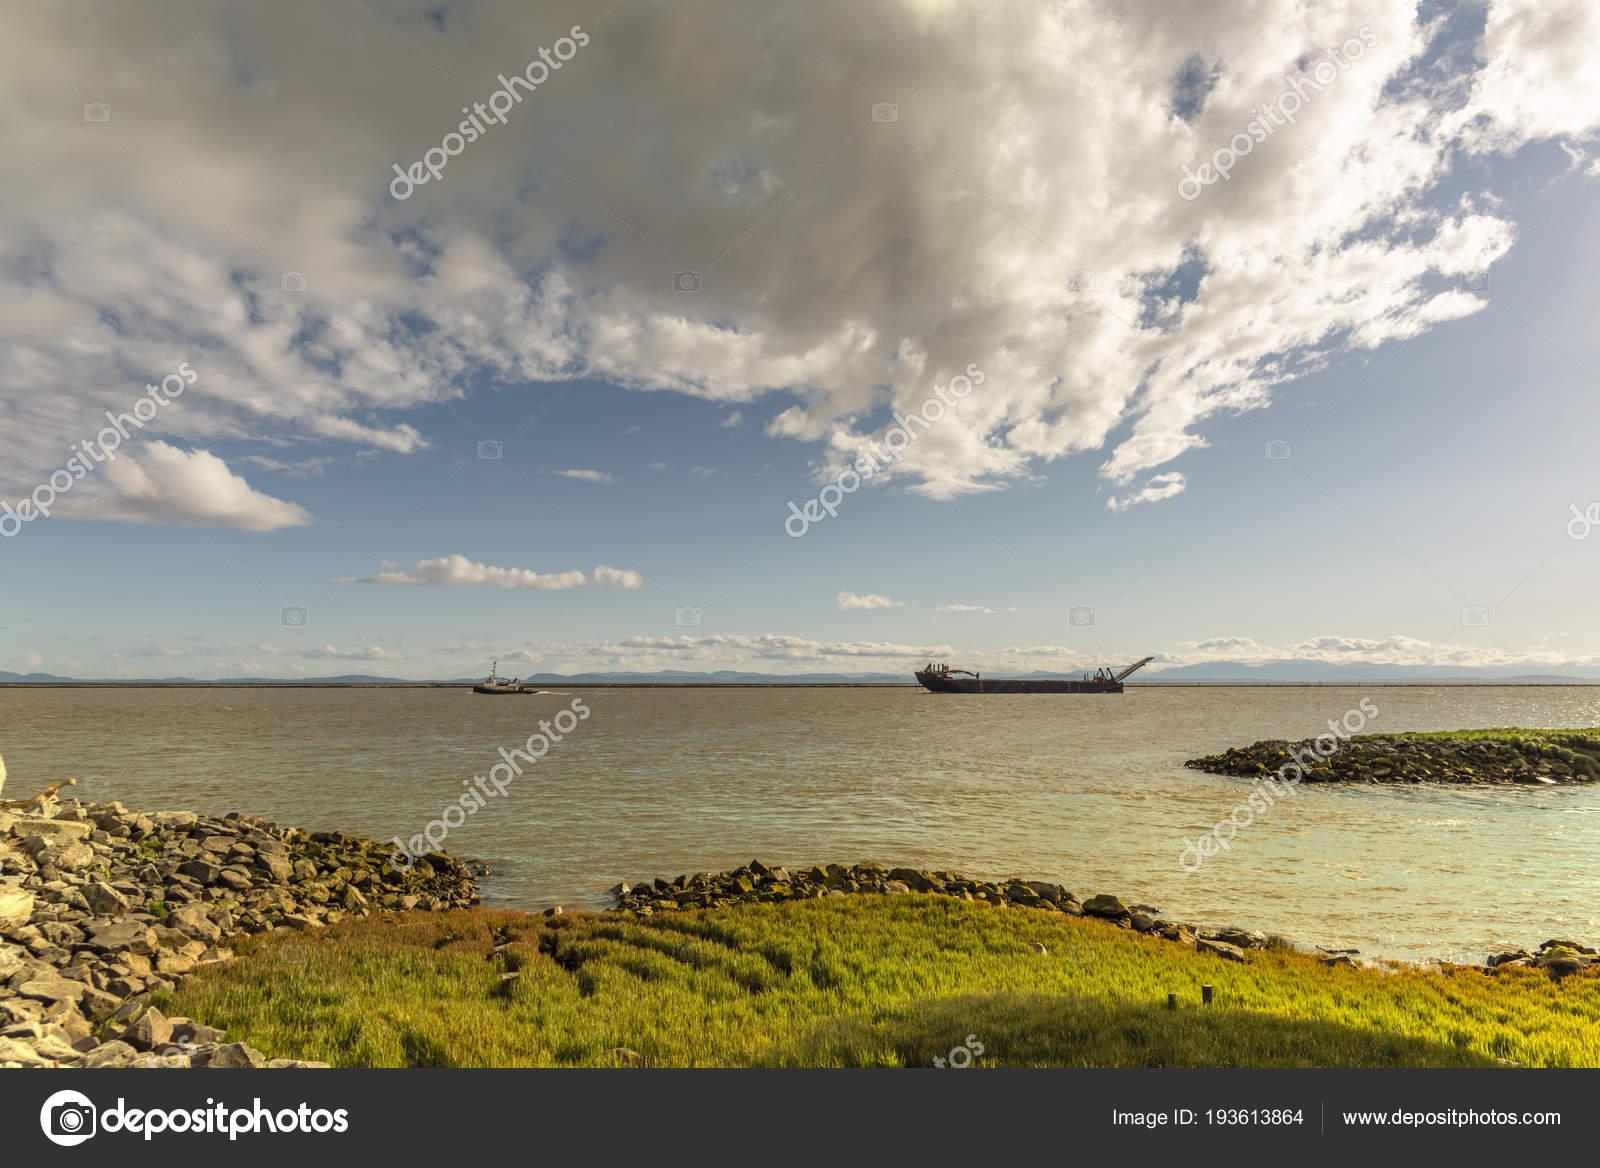 Bank Mit Gras Und Steinen Auf Dem Fluss Mit Einem Boot Towi Bedeckt